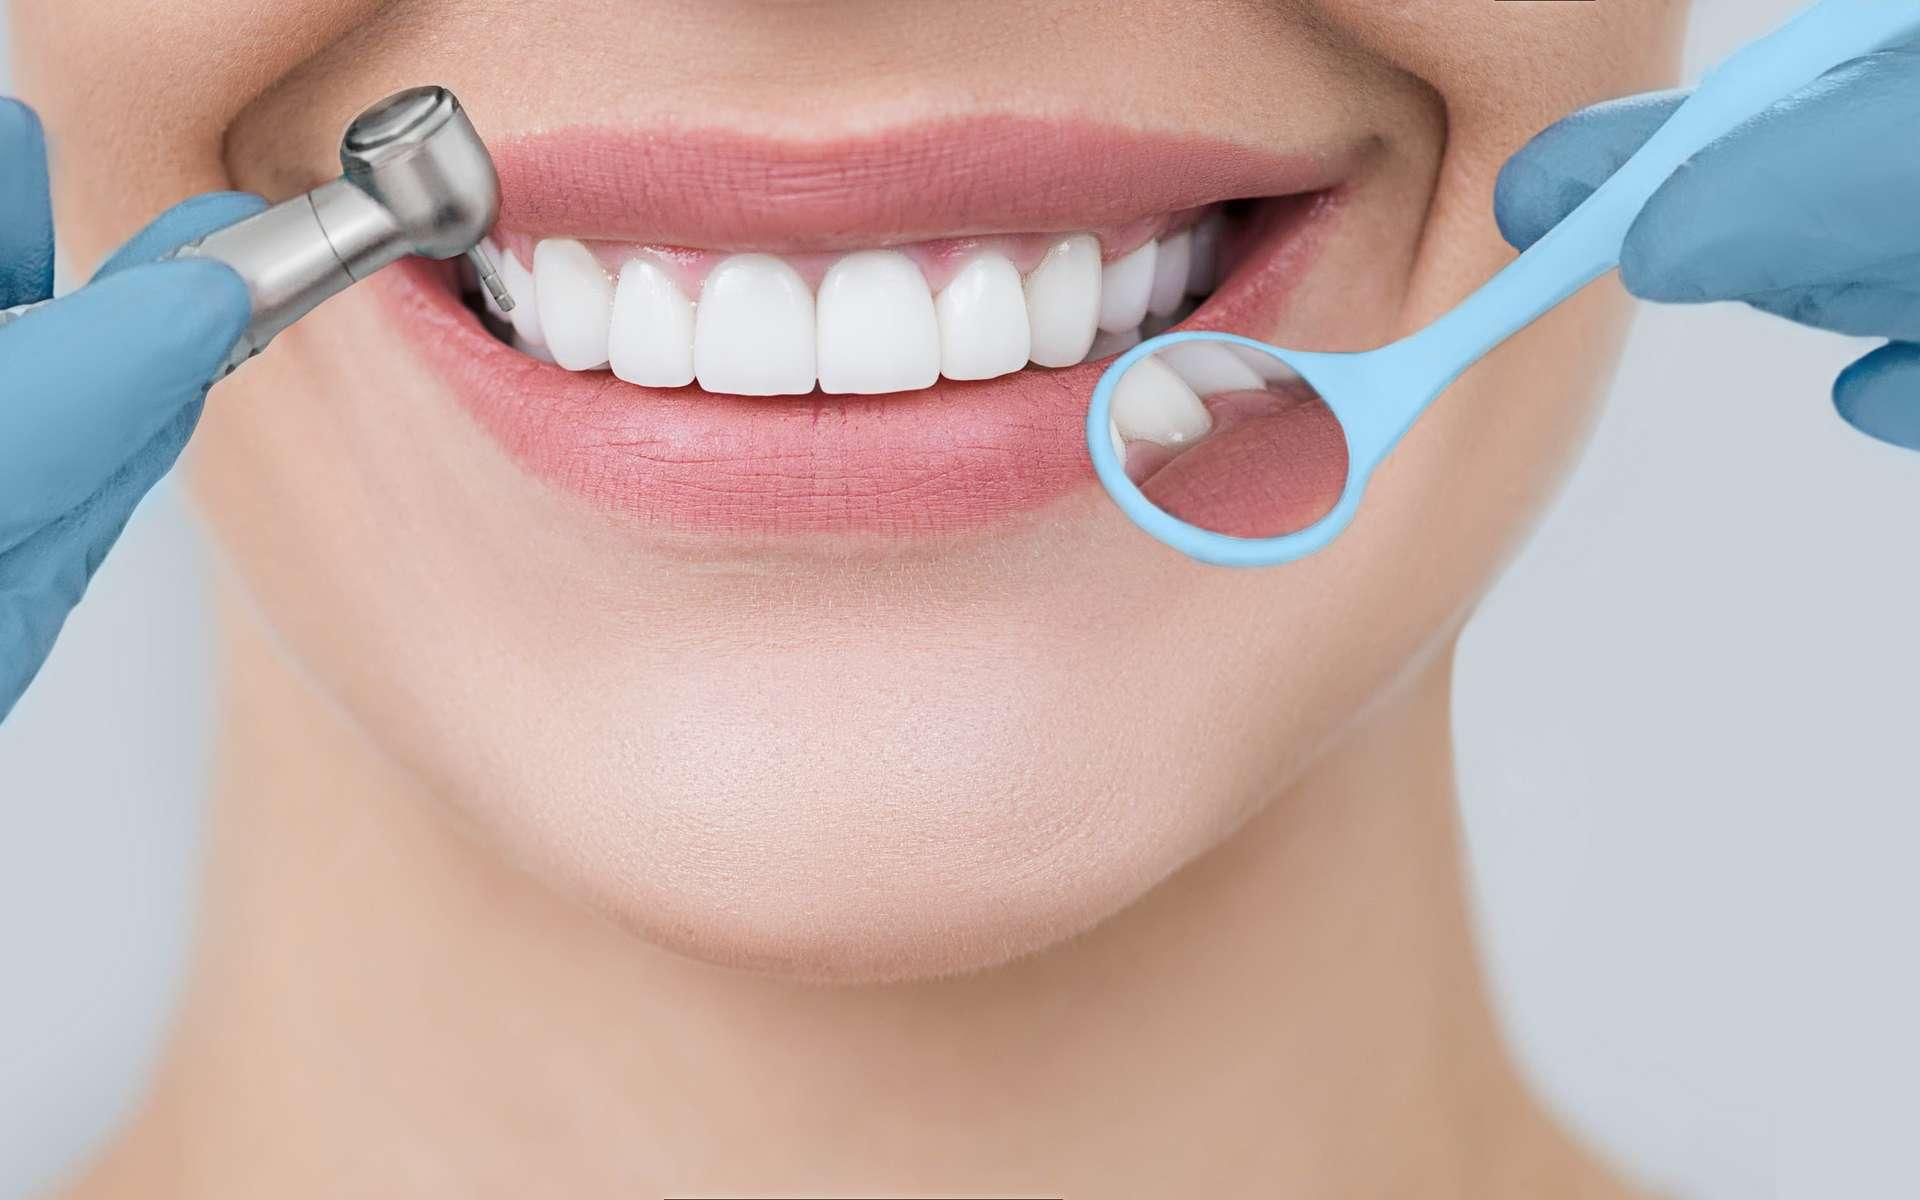 Les Français prennent-ils sont de leur dents ? © Erica Smit, Adobe Stock